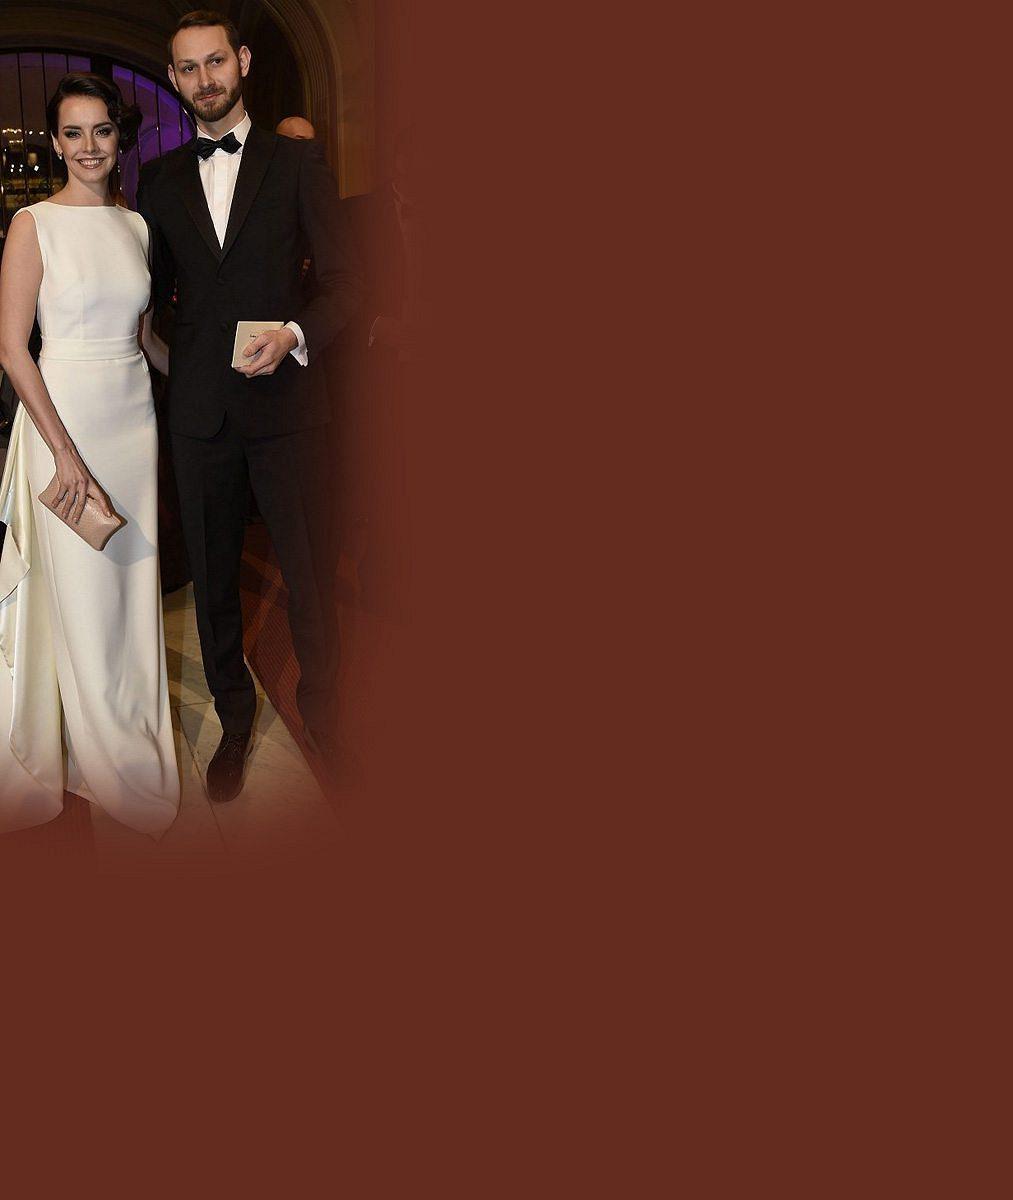 První zatěžkávací zkouška manželství. Nejkrásnější Češka roku 2013 se chystá na dovolené otestovat vztah